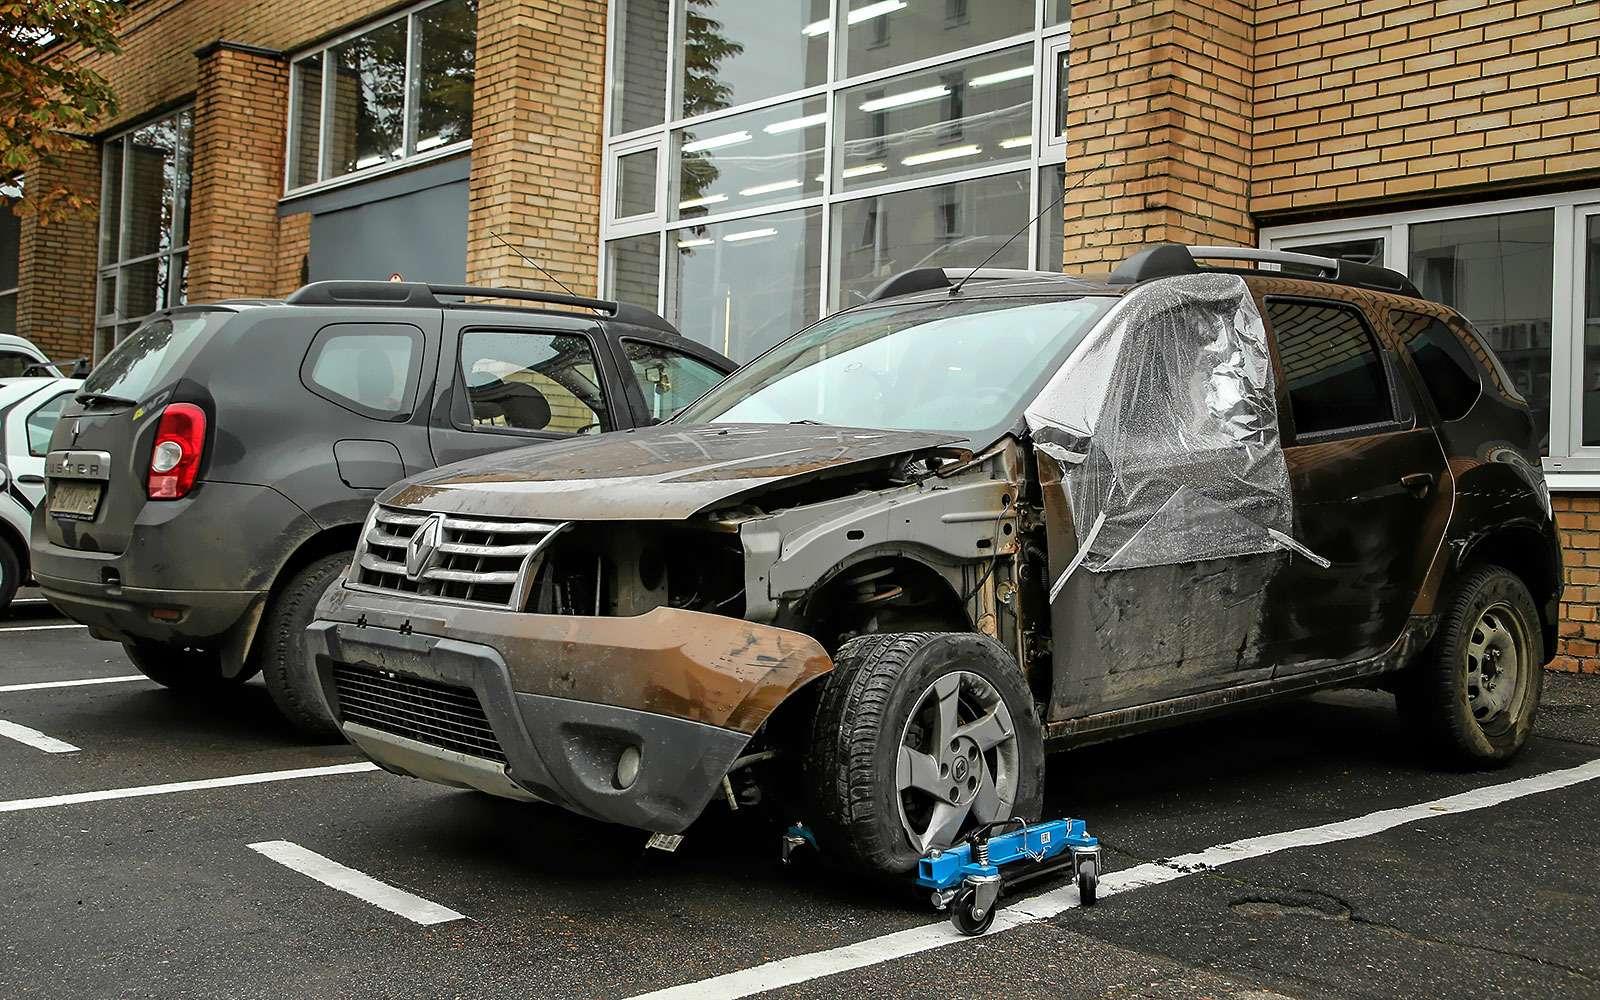 попалось картинки разбившихся машин лицо вряд известно